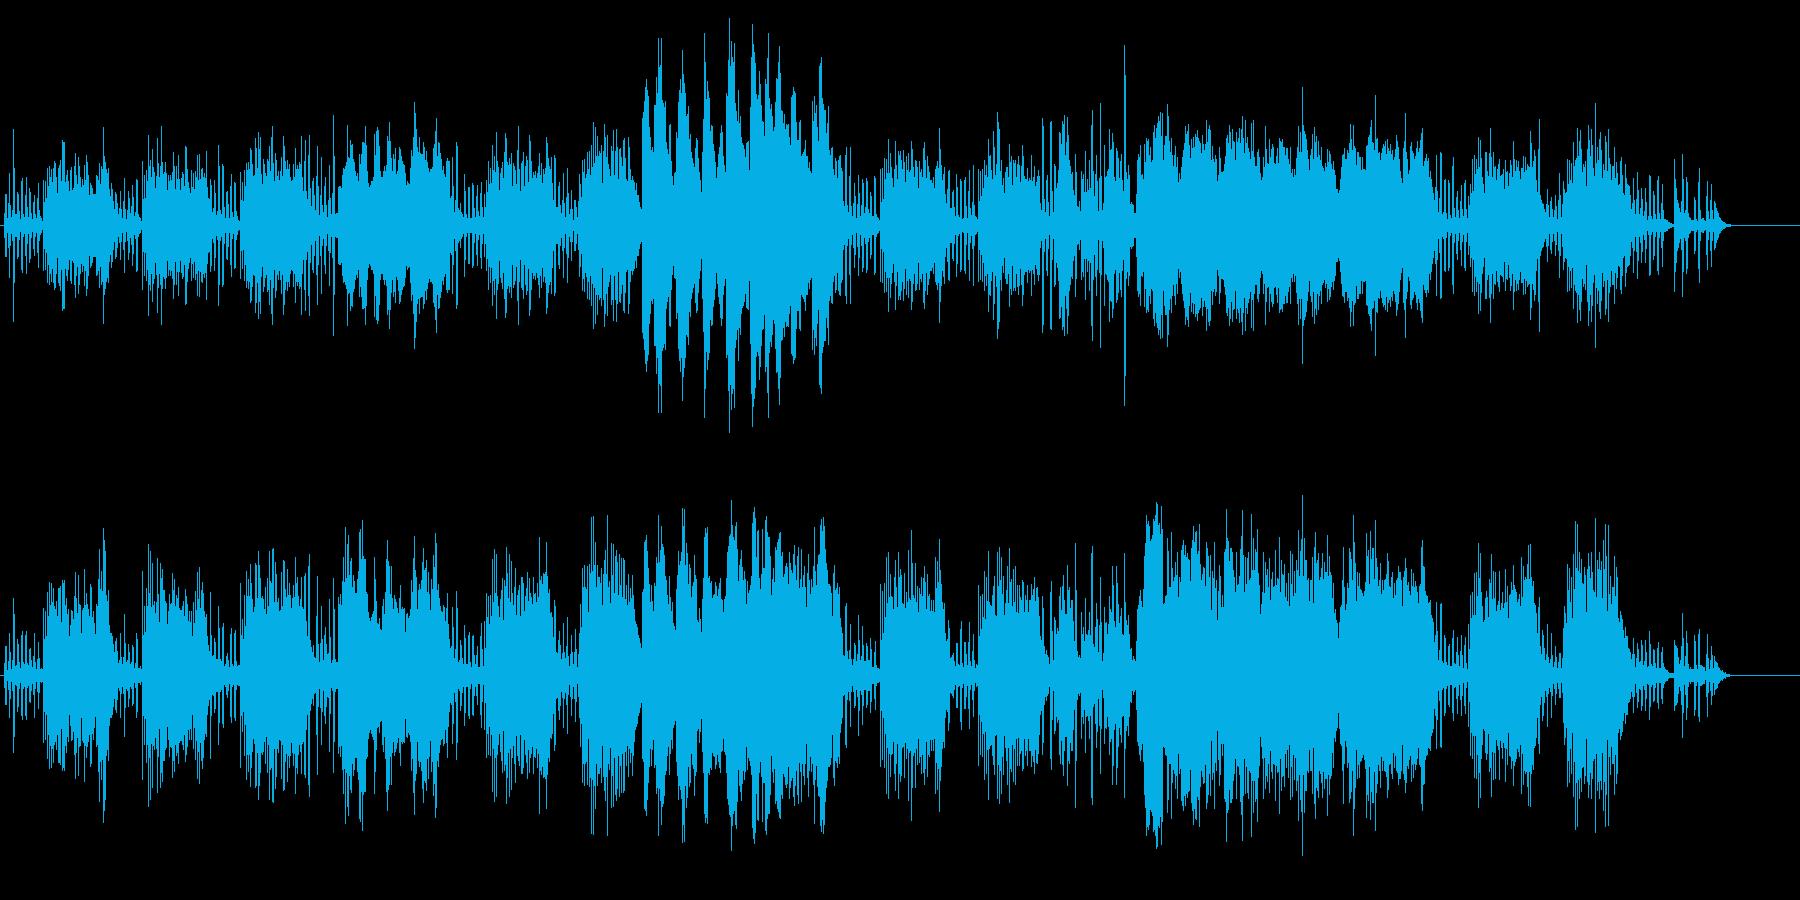 少女らしさの似合う不思議音楽の再生済みの波形